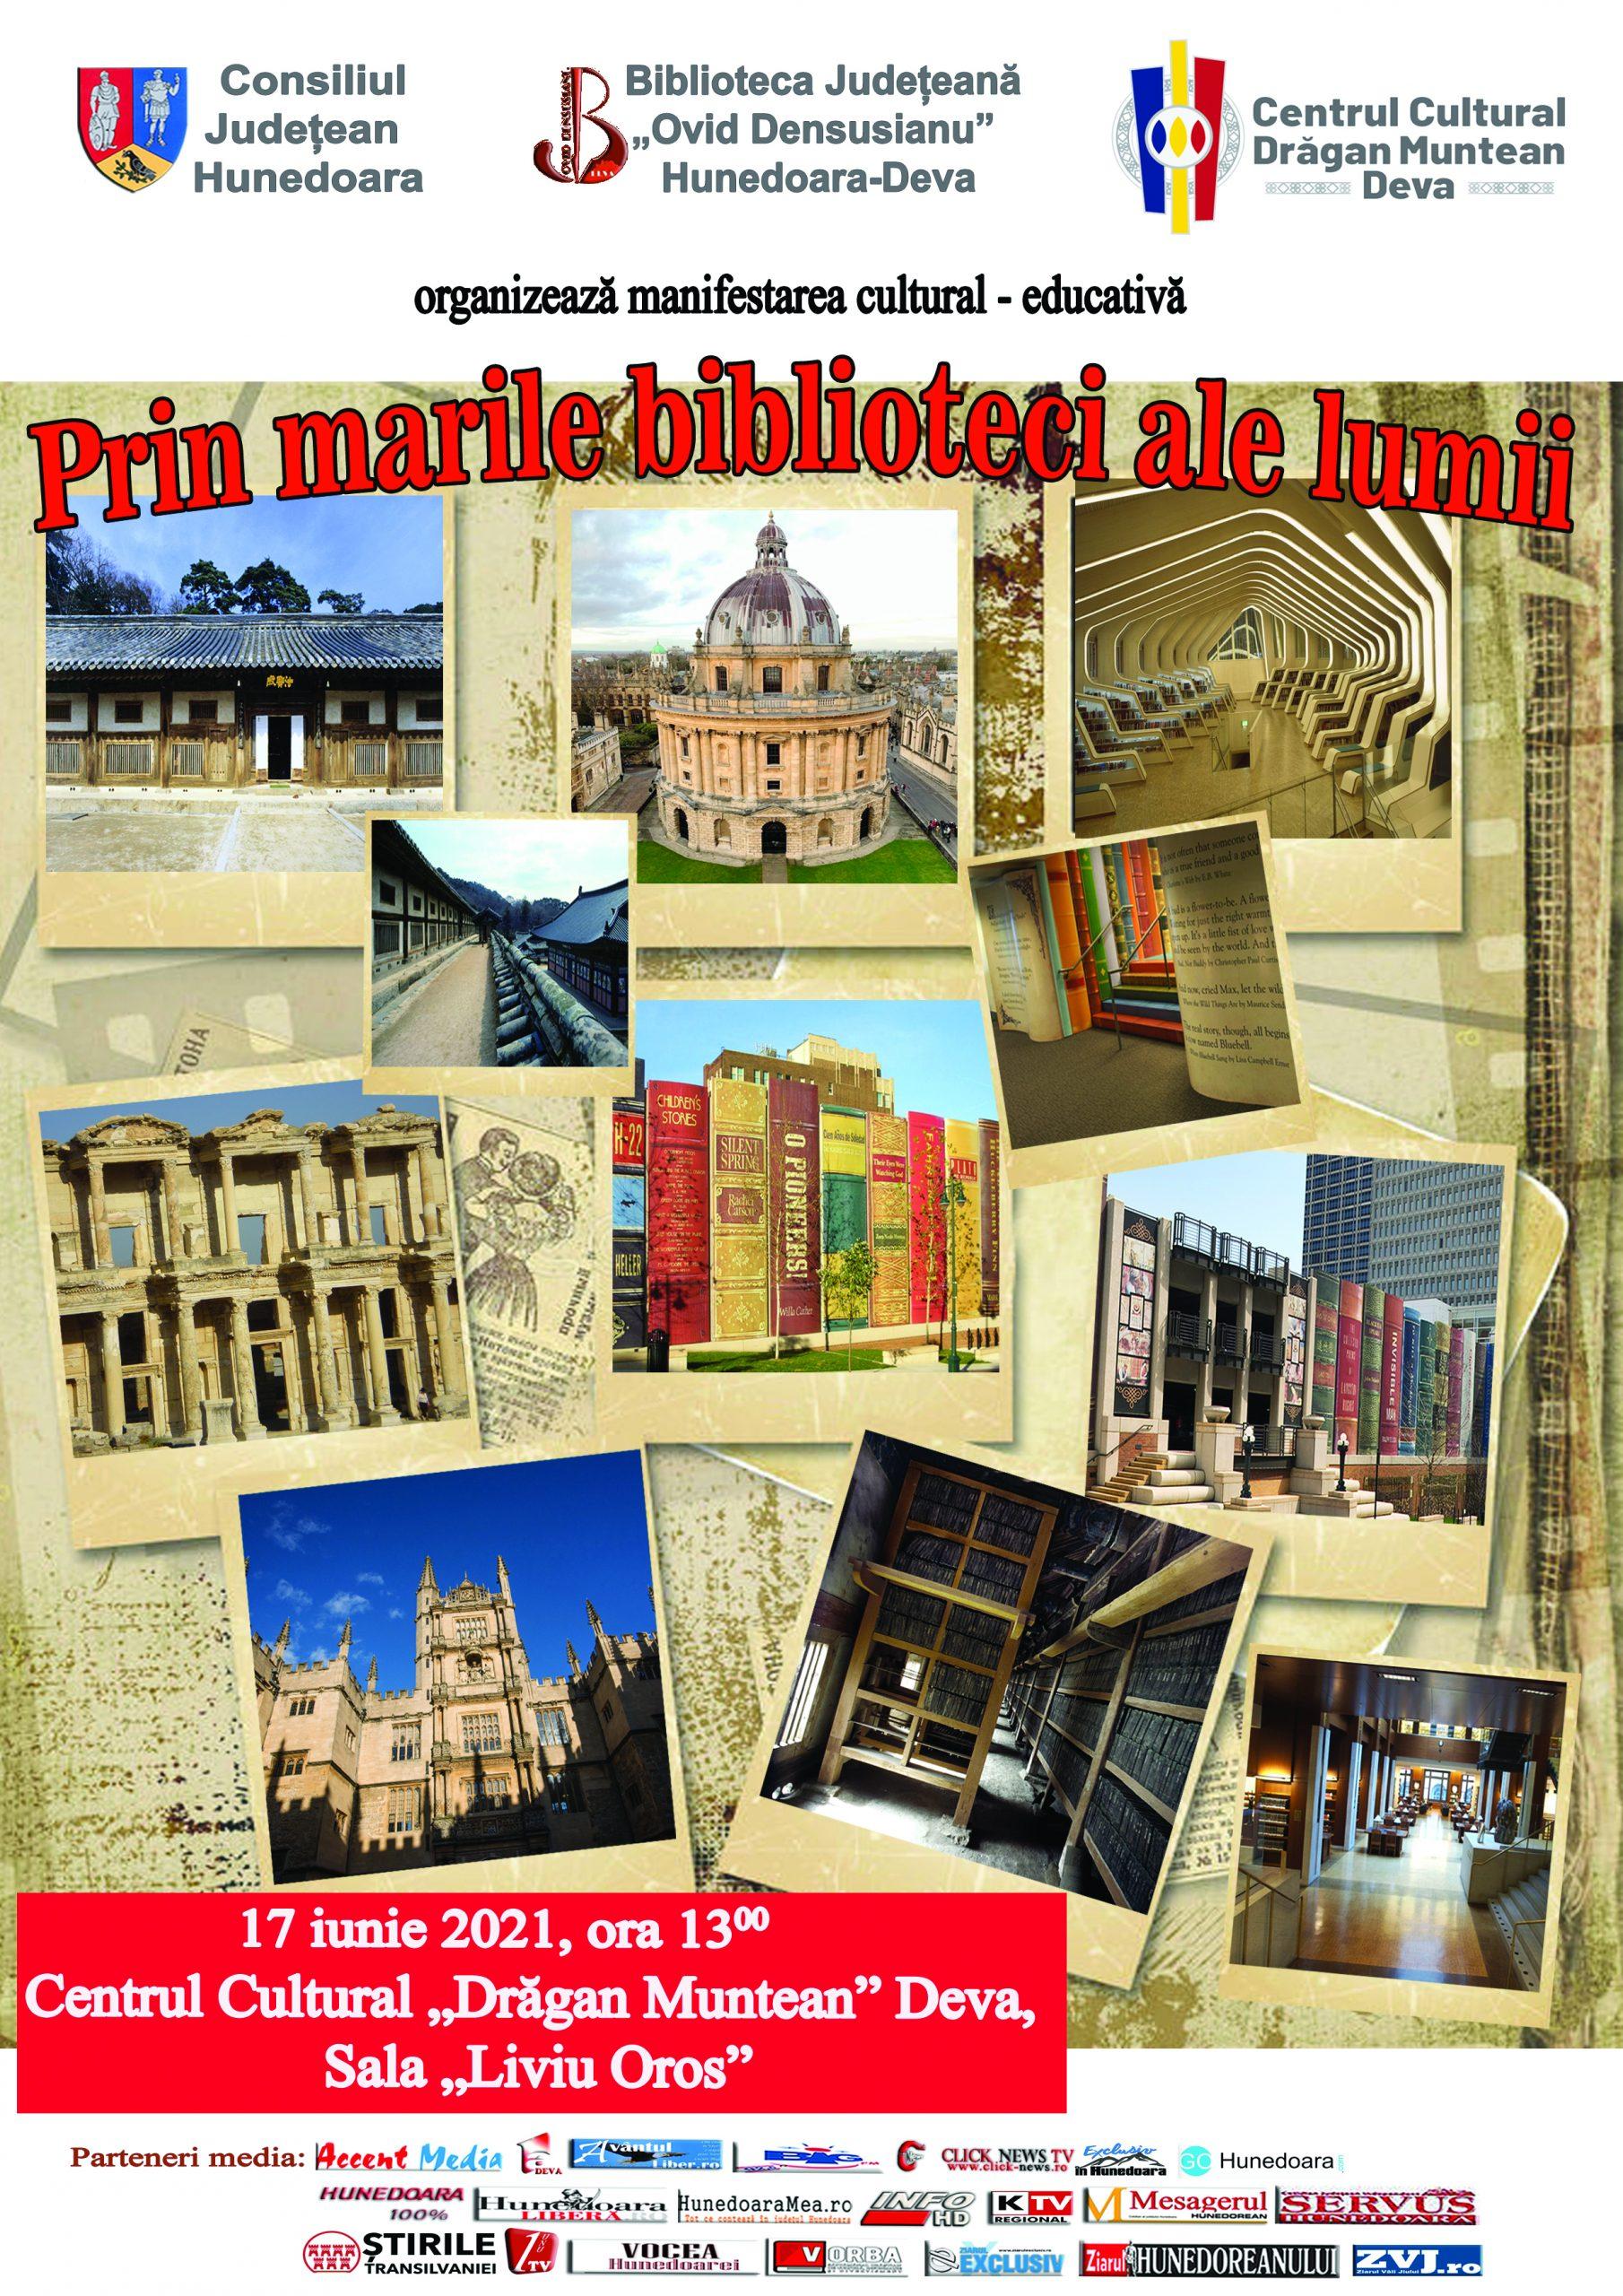 """""""Prin marile biblioteci ale lumii"""", eveniment organizat de Biblioteca Județeană """"Ovid Densusianu"""" Hunedoara-Deva"""